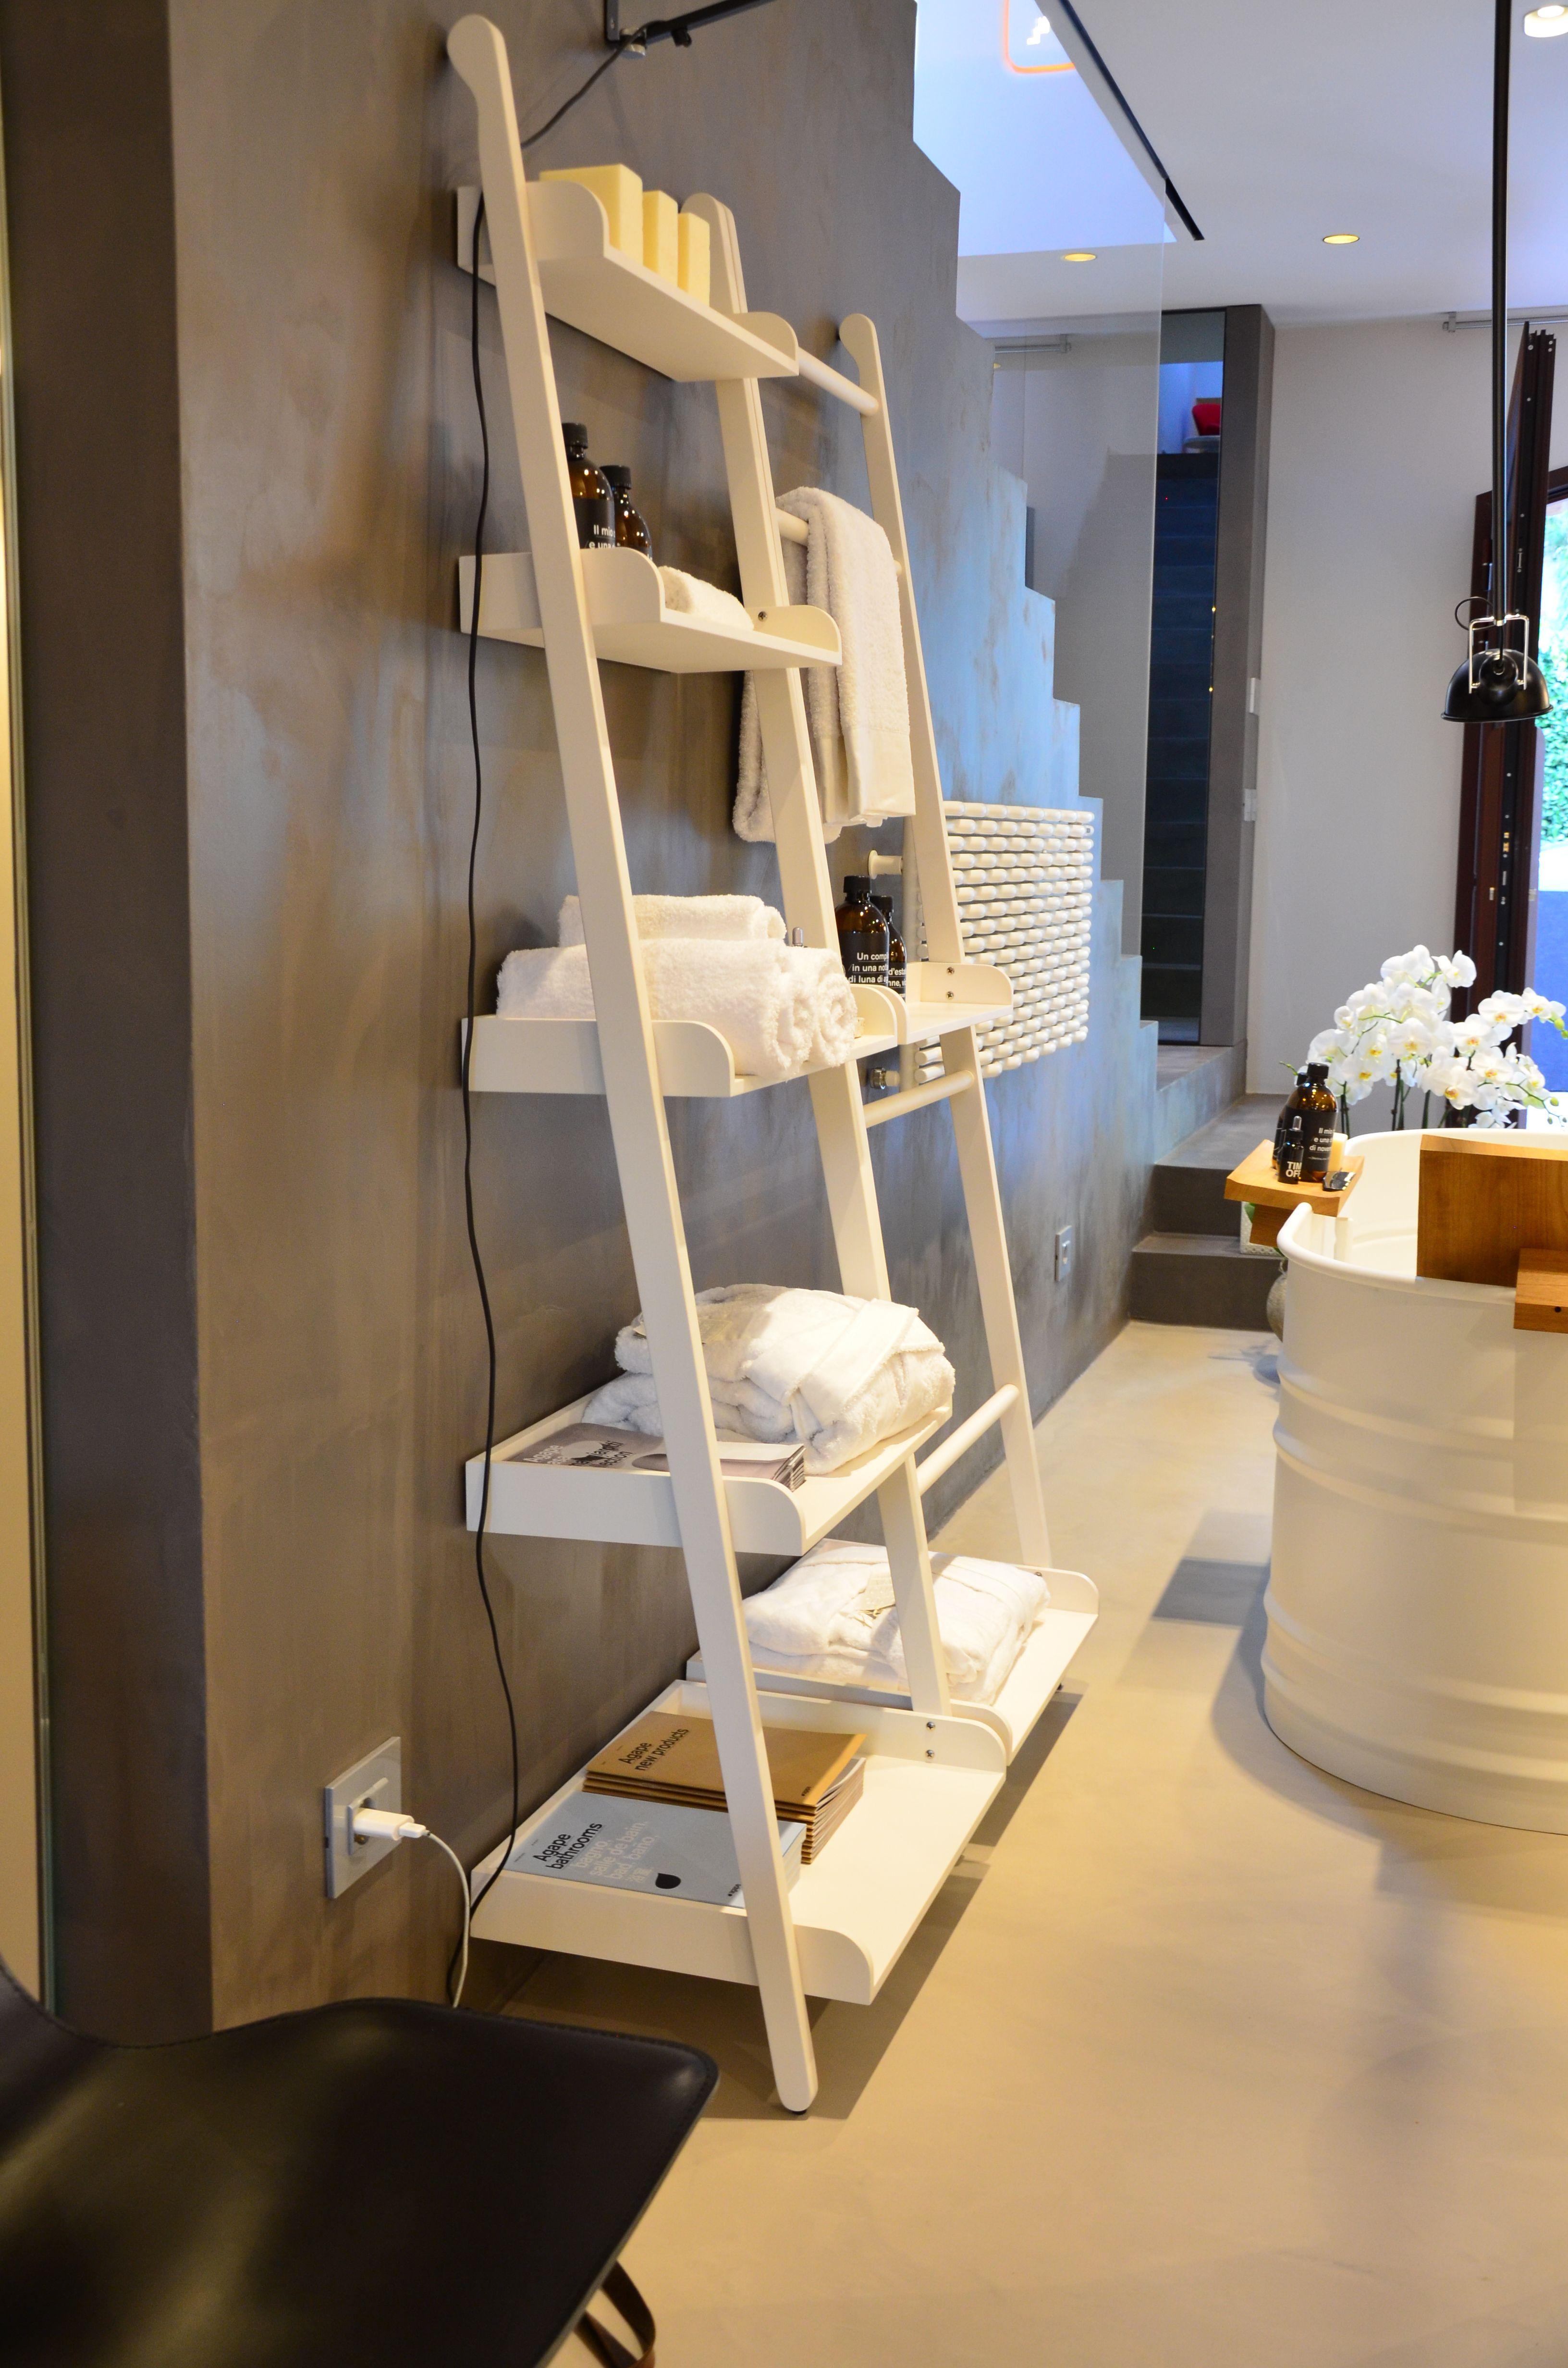 arredo bagno in stile naturale e total white | arredo bagno ... - Arredo Bagno In Stile